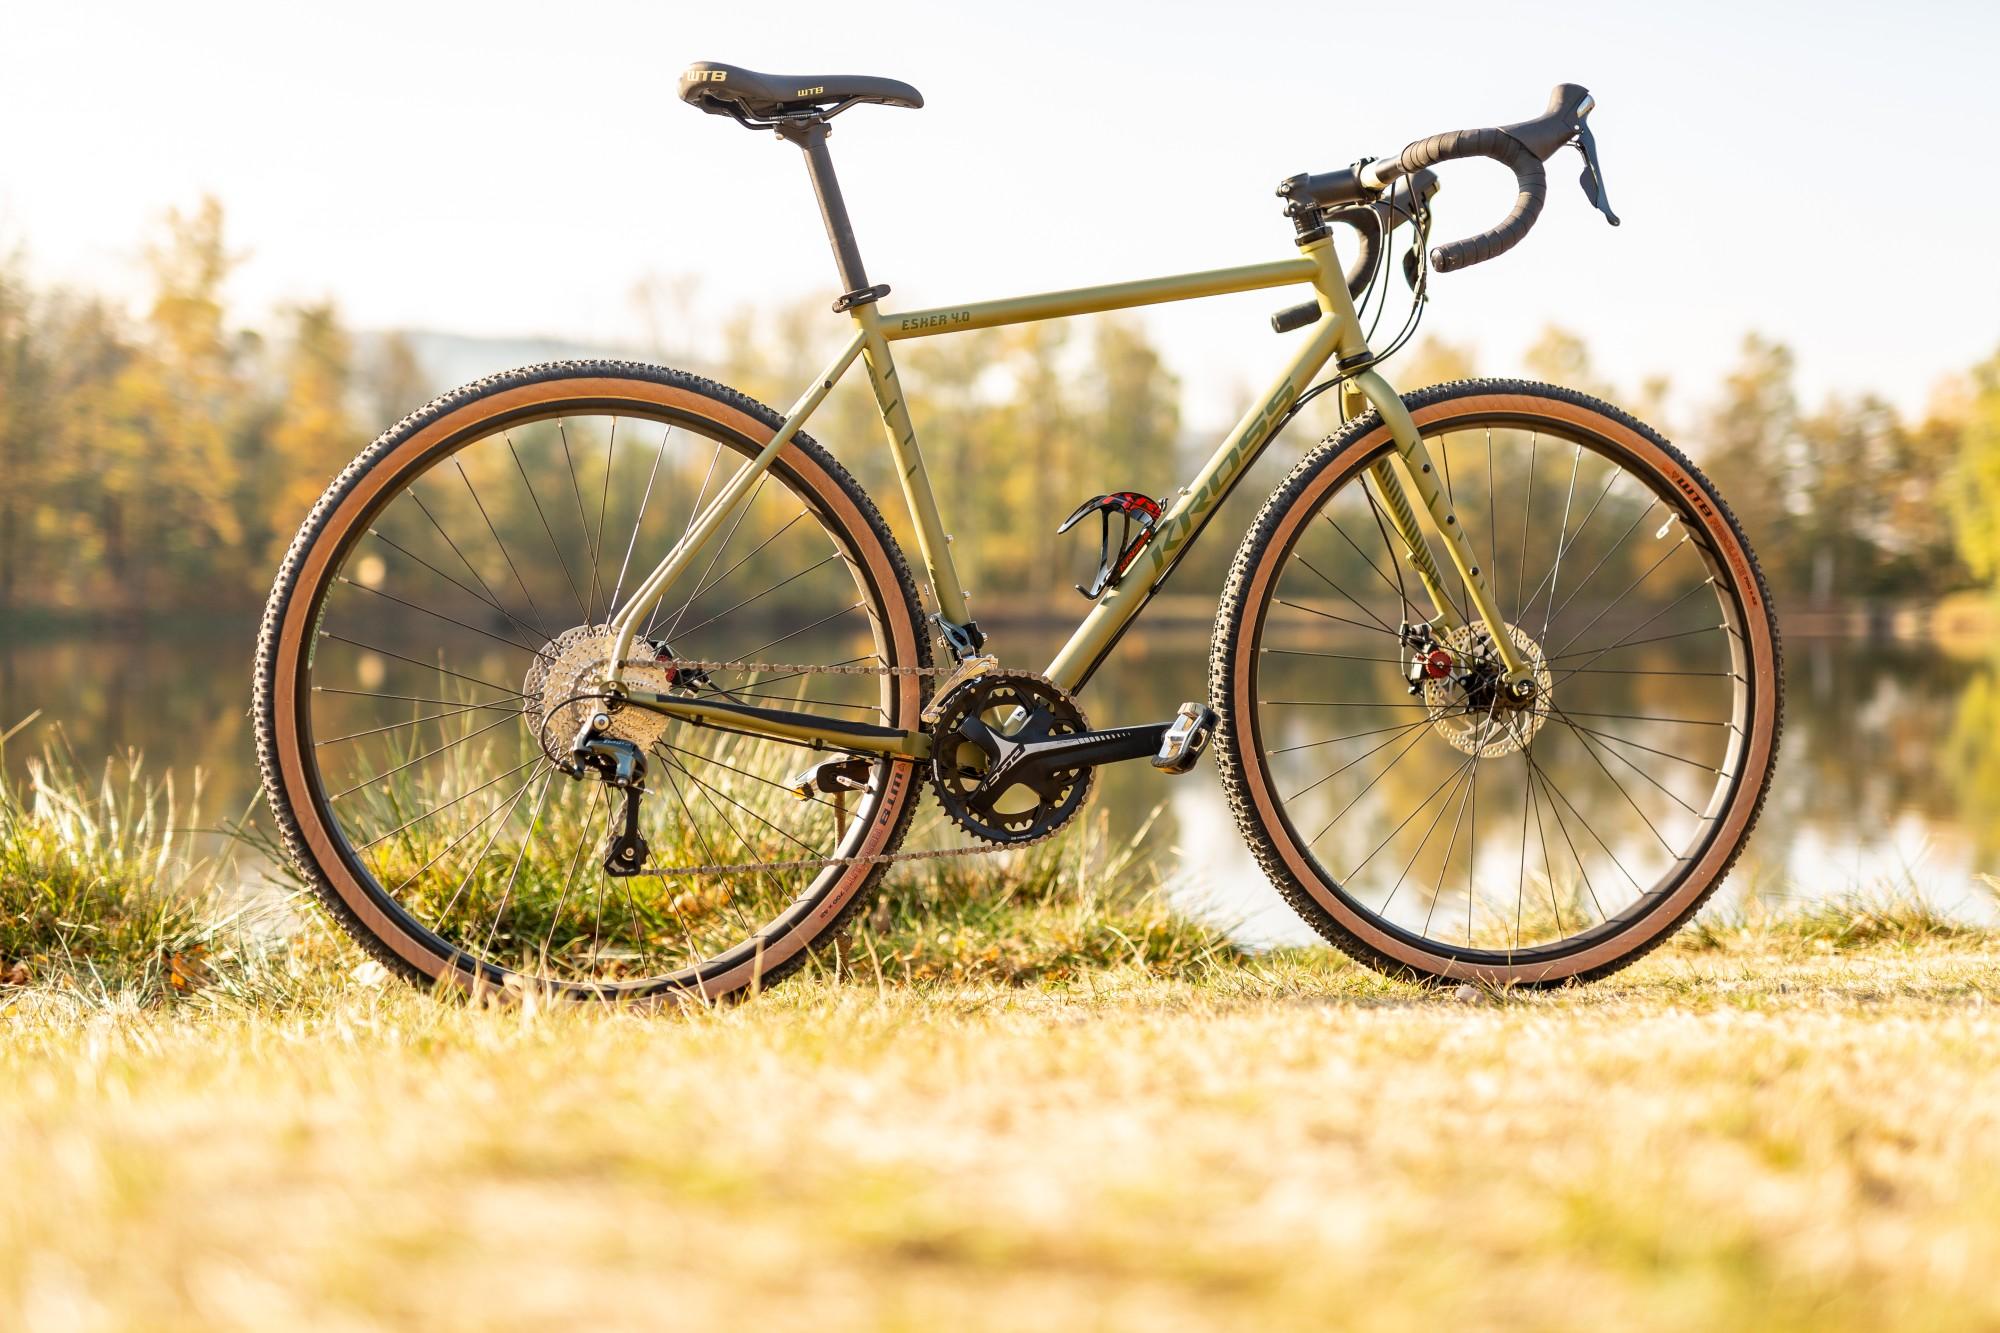 Kross Esker 4.0 – First Ride